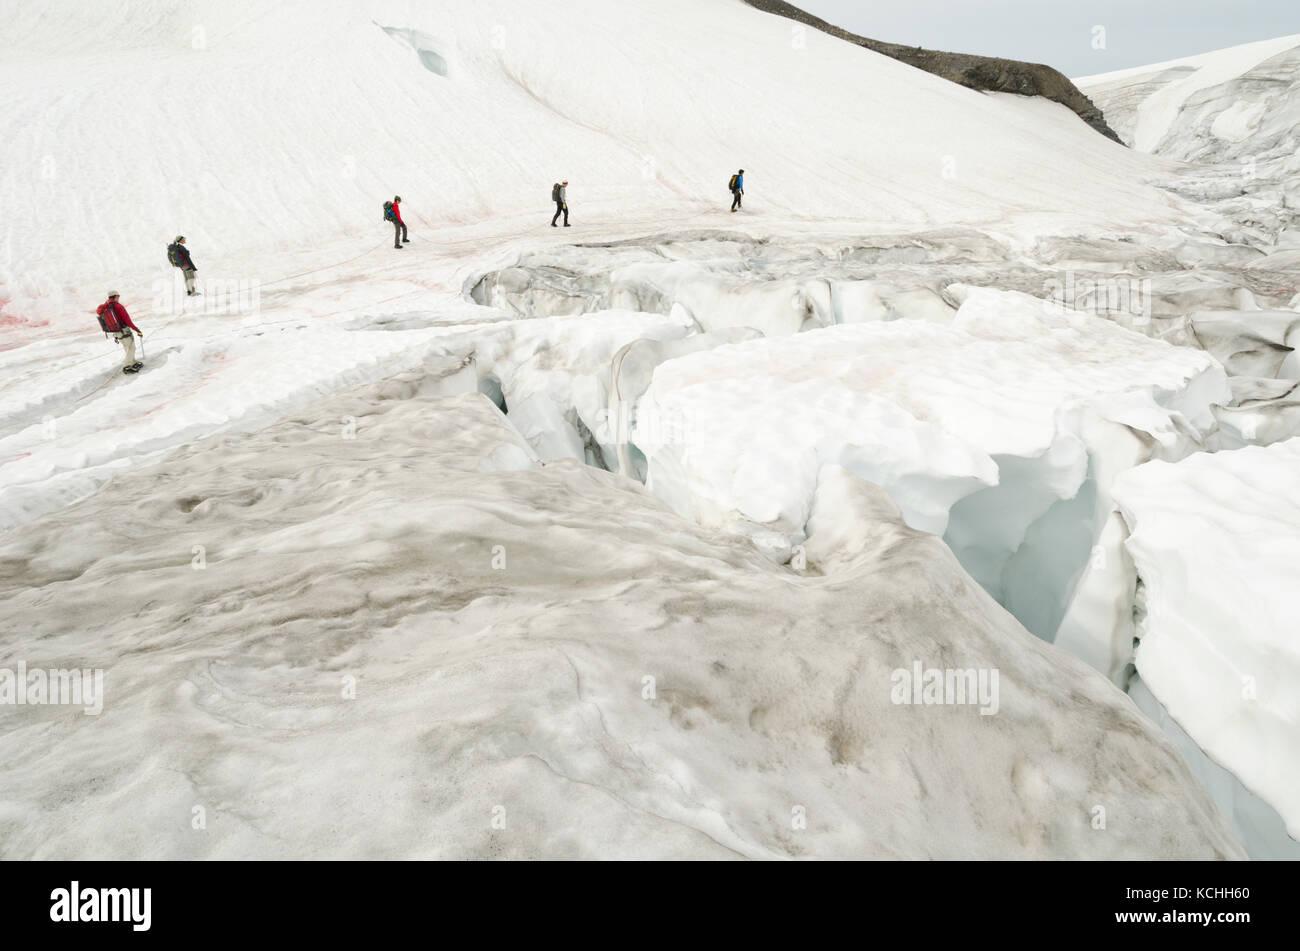 Eine Gruppe kreuzt eine Gletscherspalte - gerittene Gletscher in der Nähe von eisfall Lodge nördlich von Stockbild